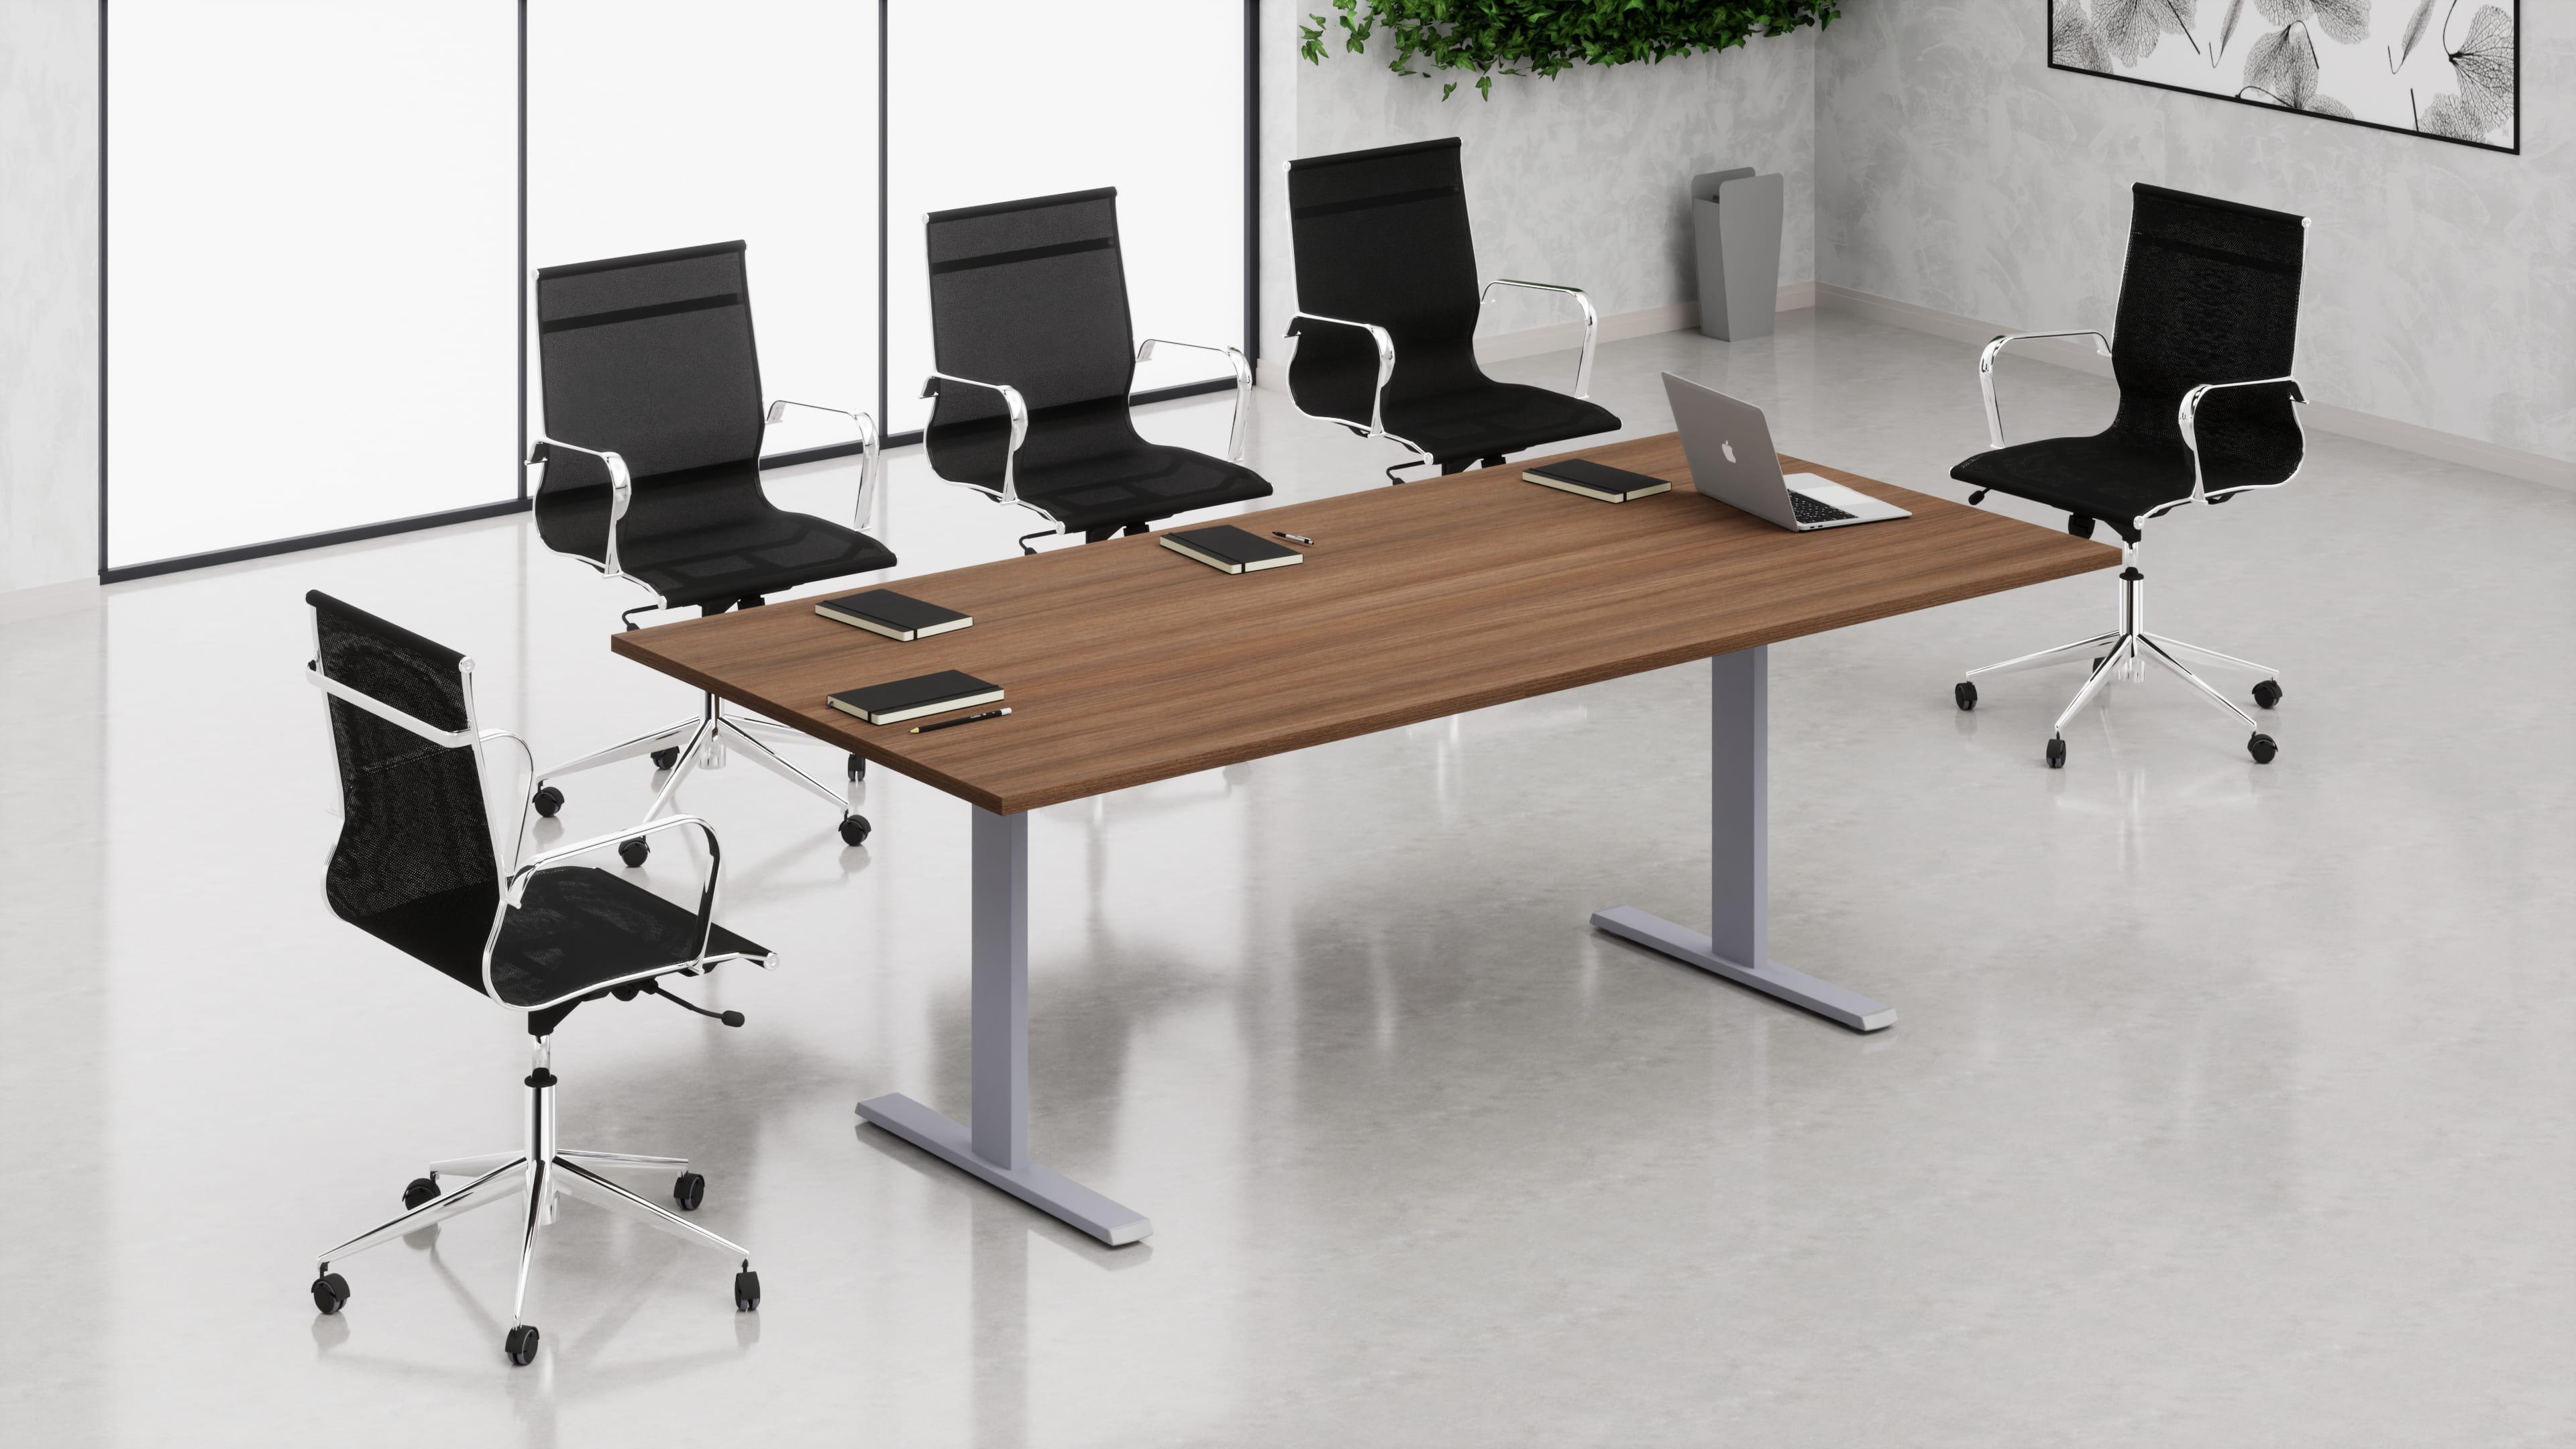 Tavolo riunione rettangolare struttura metallica a ''T''